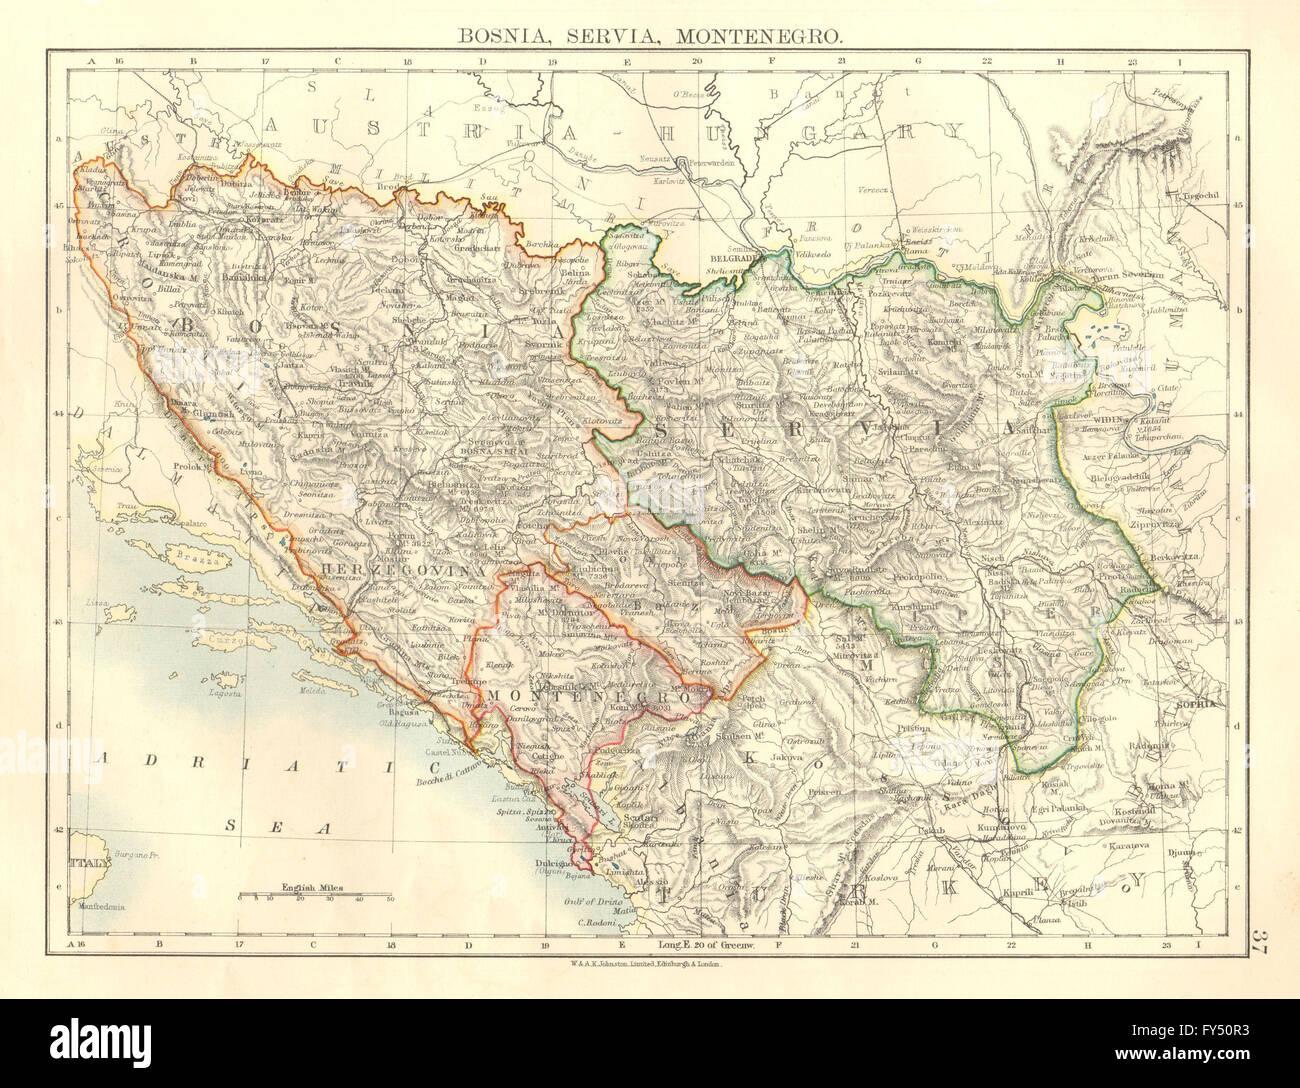 Karte Montenegro Kroatien.Bosnien Serbien Montenegro Balkan Serbien Kroatien